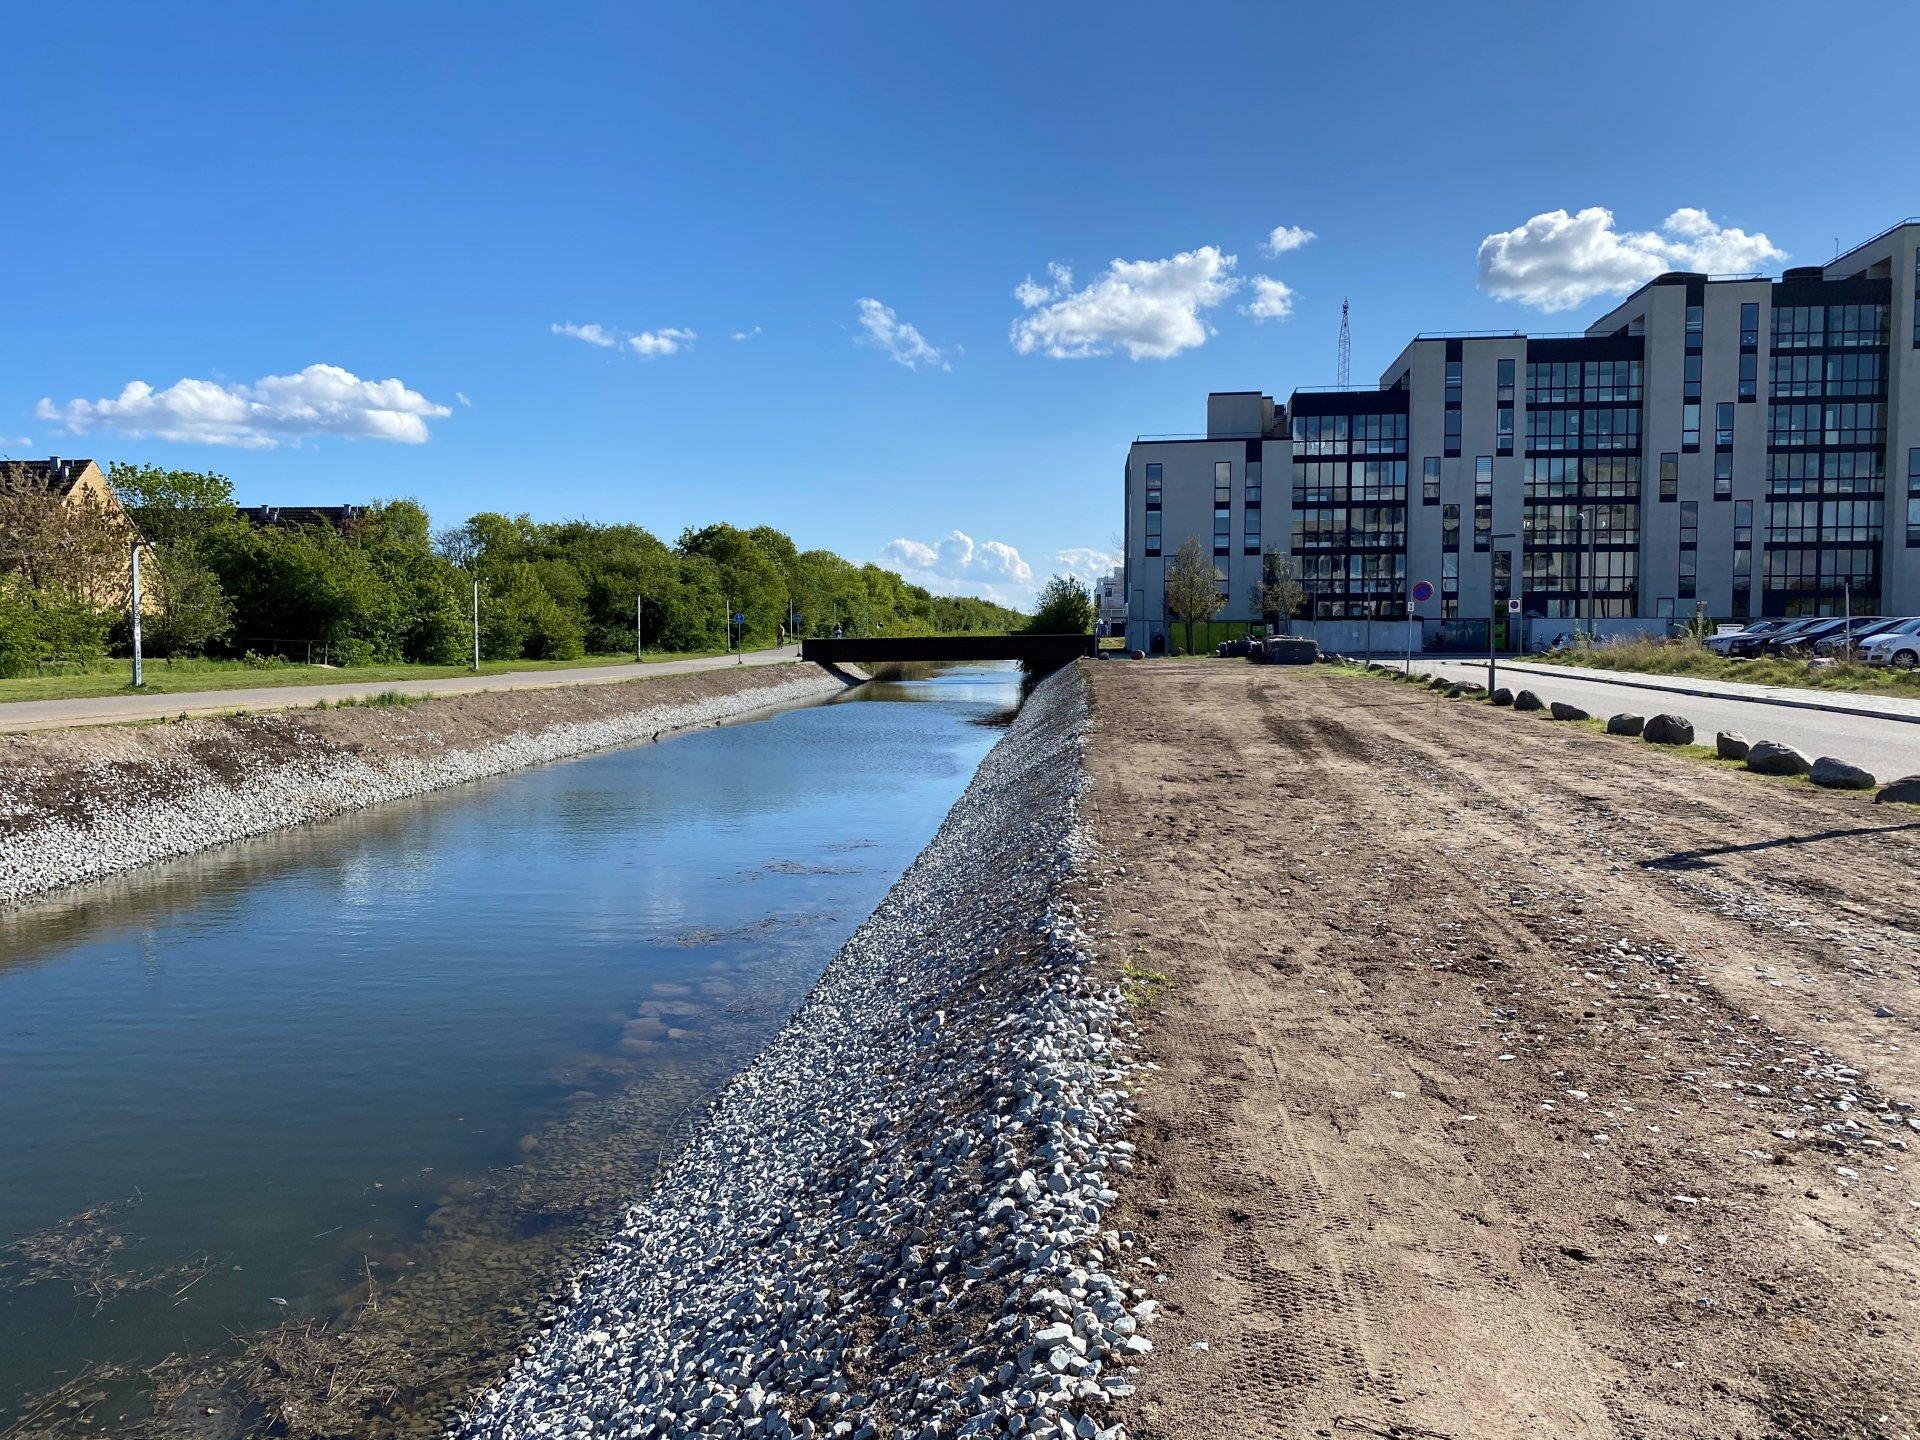 Norde Landkanal | Erosionssikring af brinker | Holbøll A/S